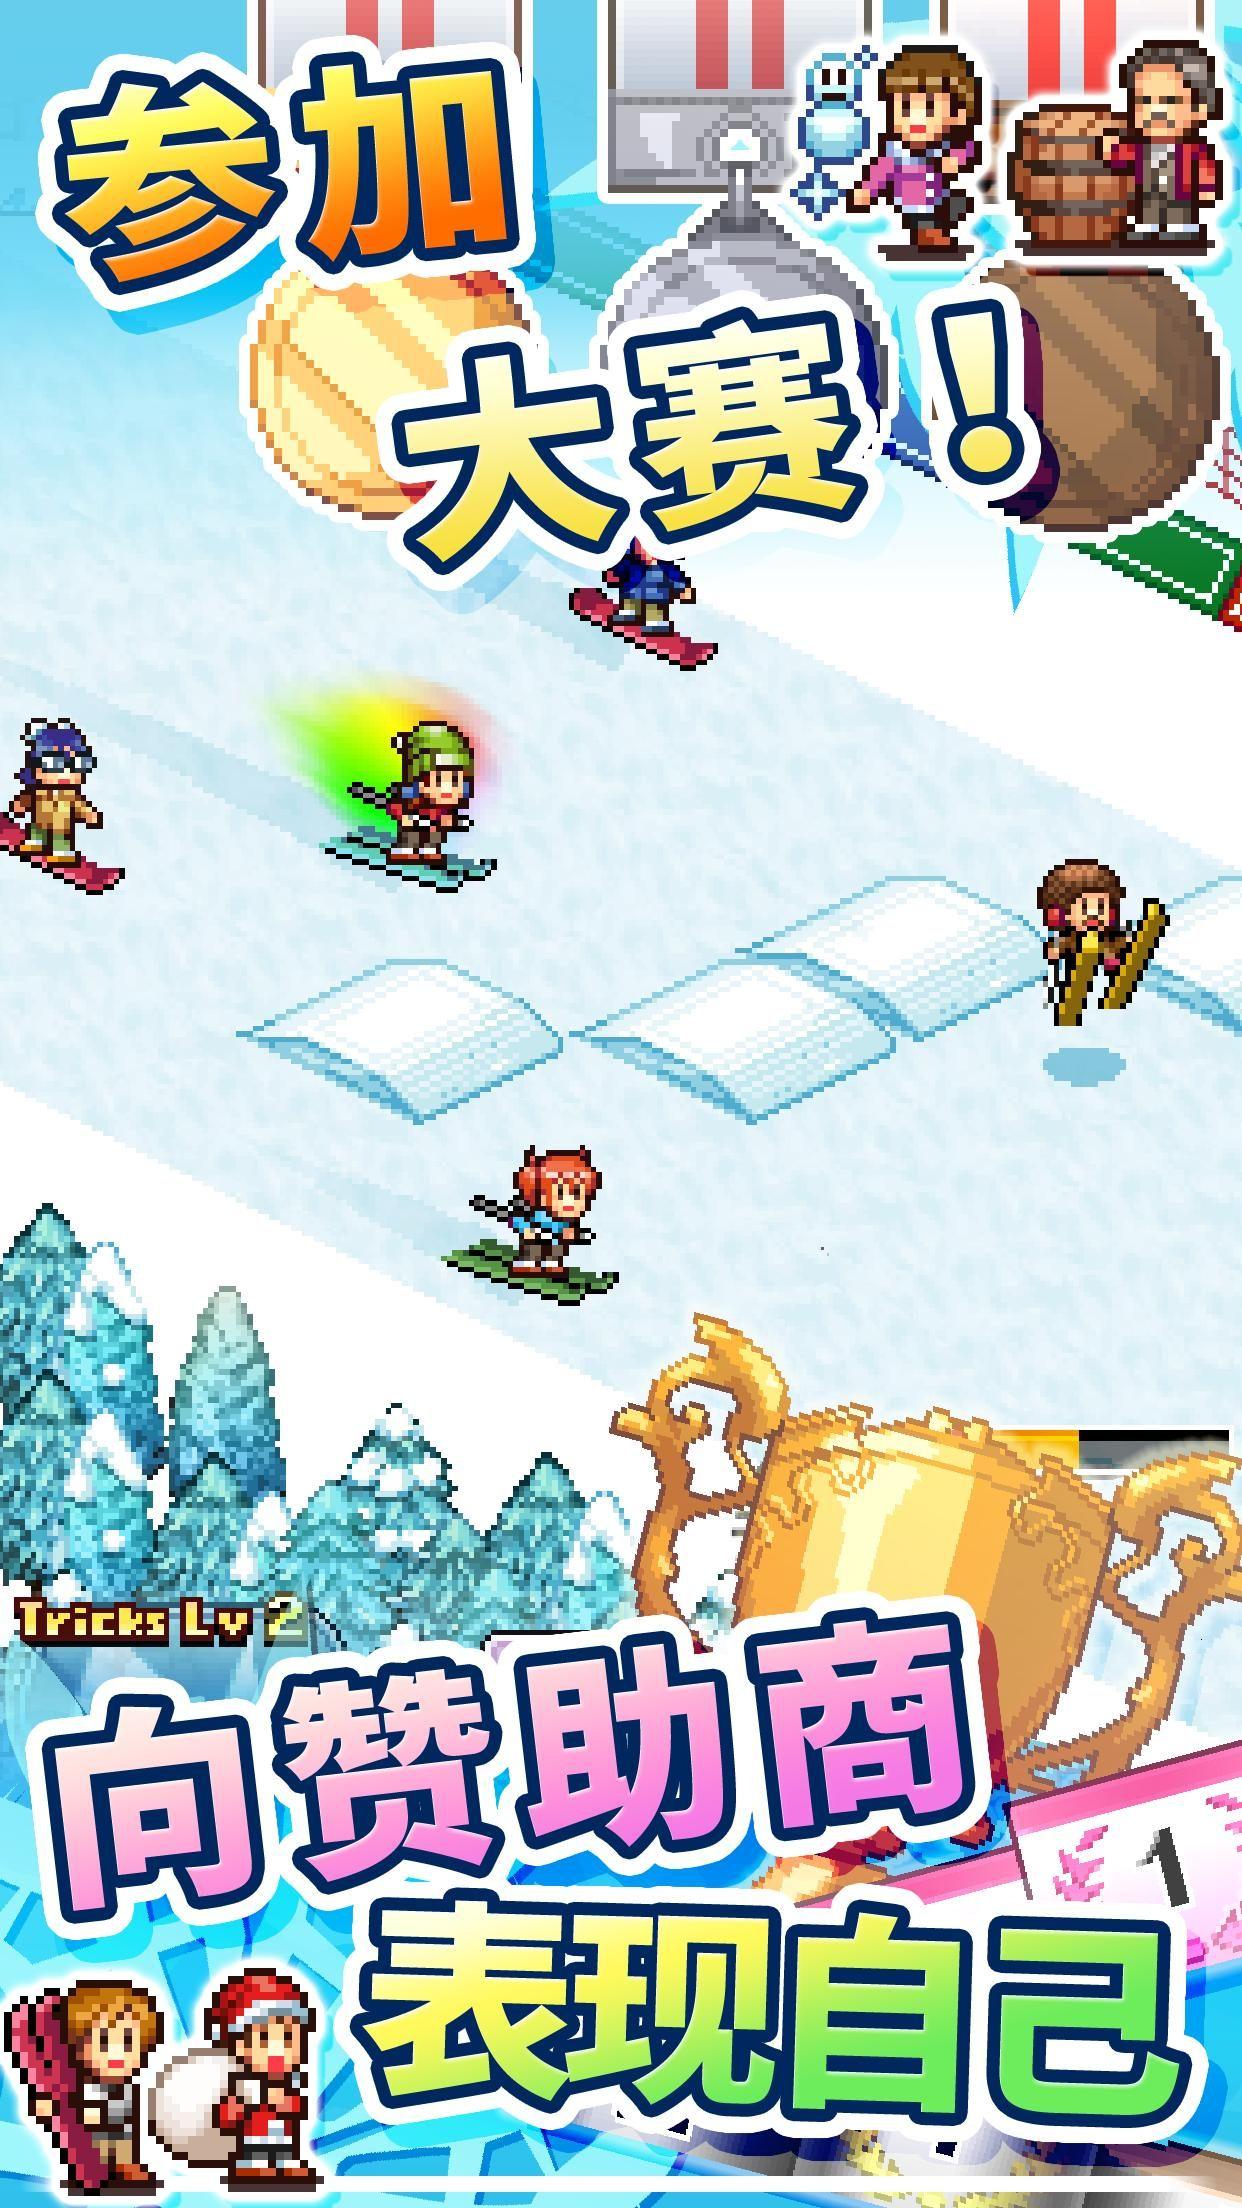 开罗闪耀滑雪场物语游戏安卓最新中文版地址图3: